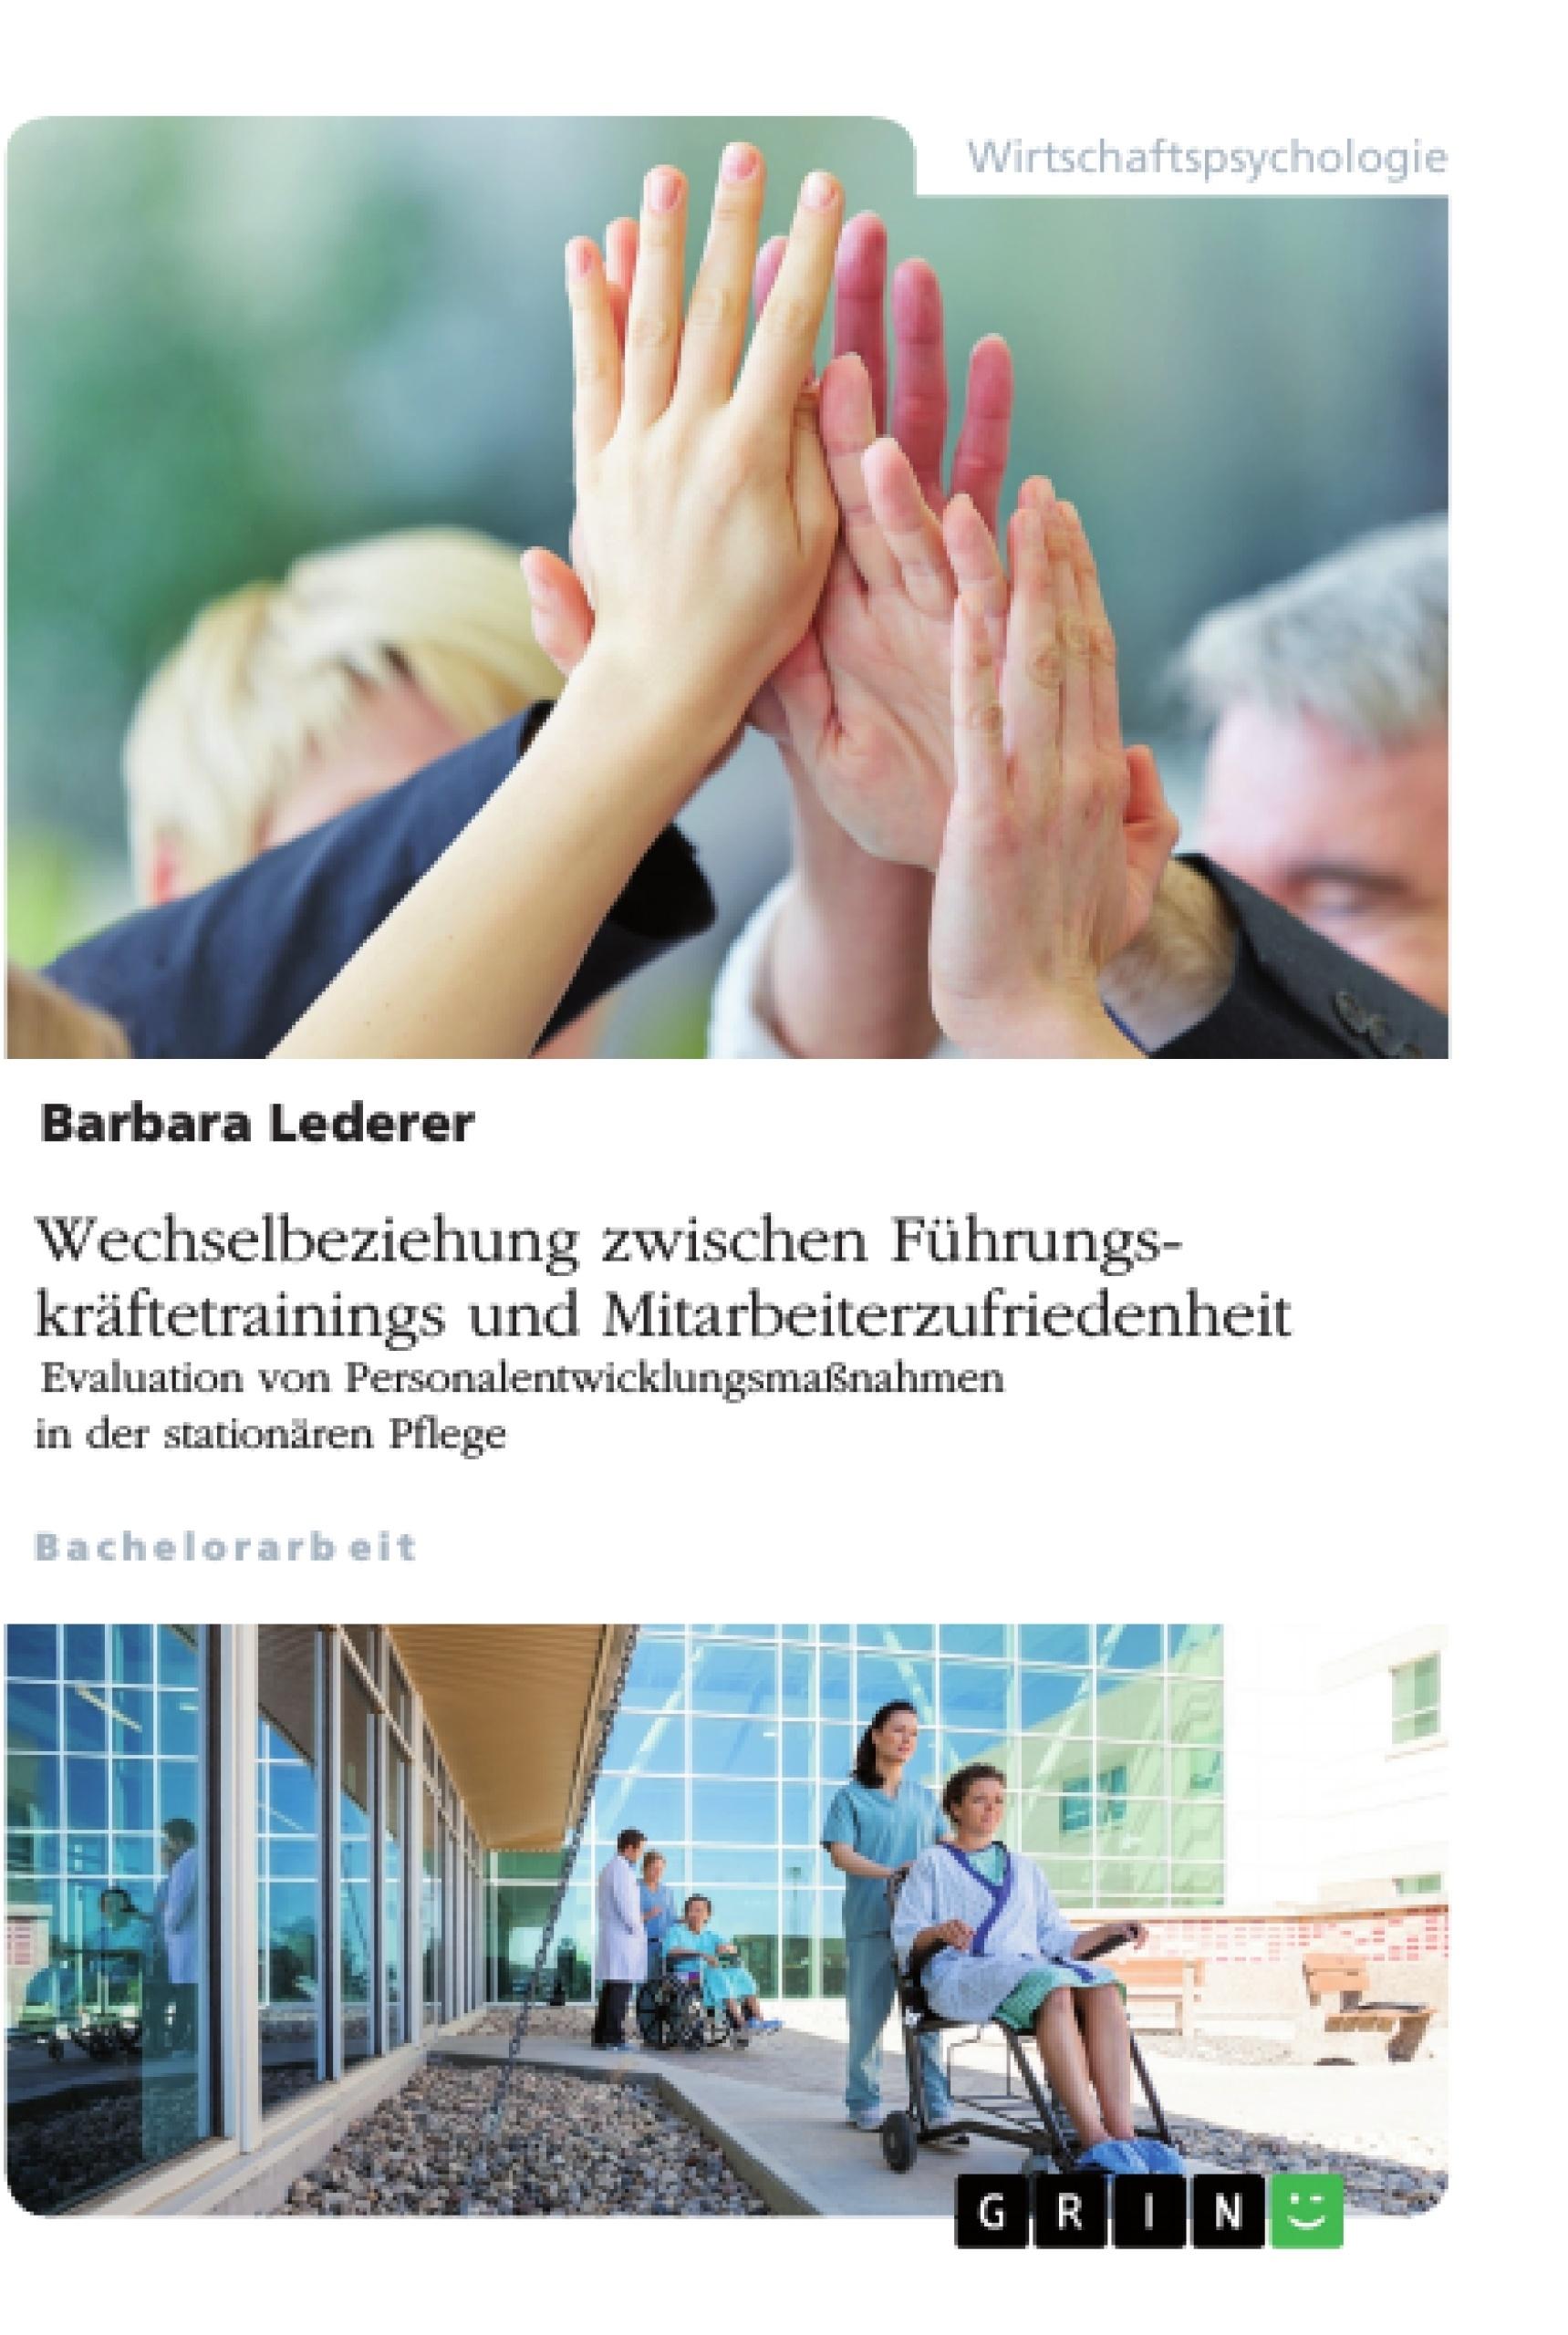 Titel: Wechselbeziehung zwischen Führungskräftetrainings und Mitarbeiterzufriedenheit. Evaluation von Personalentwicklungsmaßnahmen in der stationären Pflege